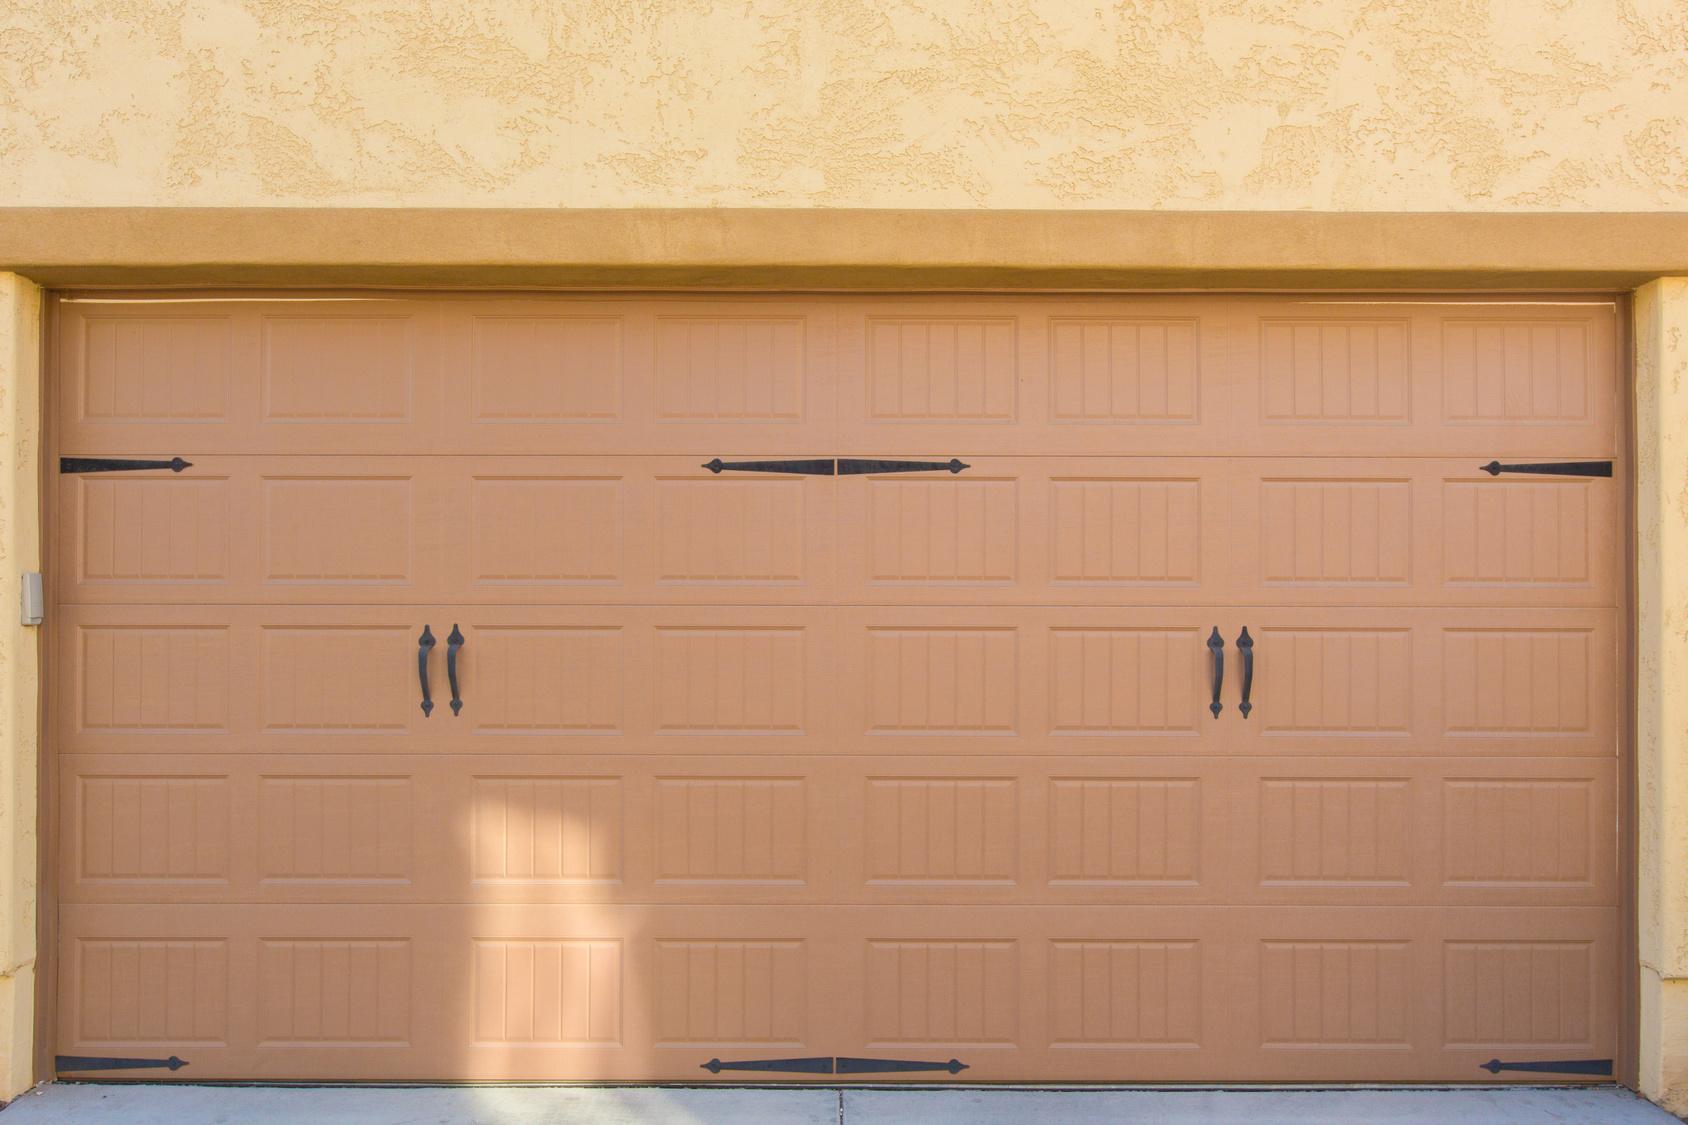 New Garage Doors Garage Door Installation Garage Door Replacement